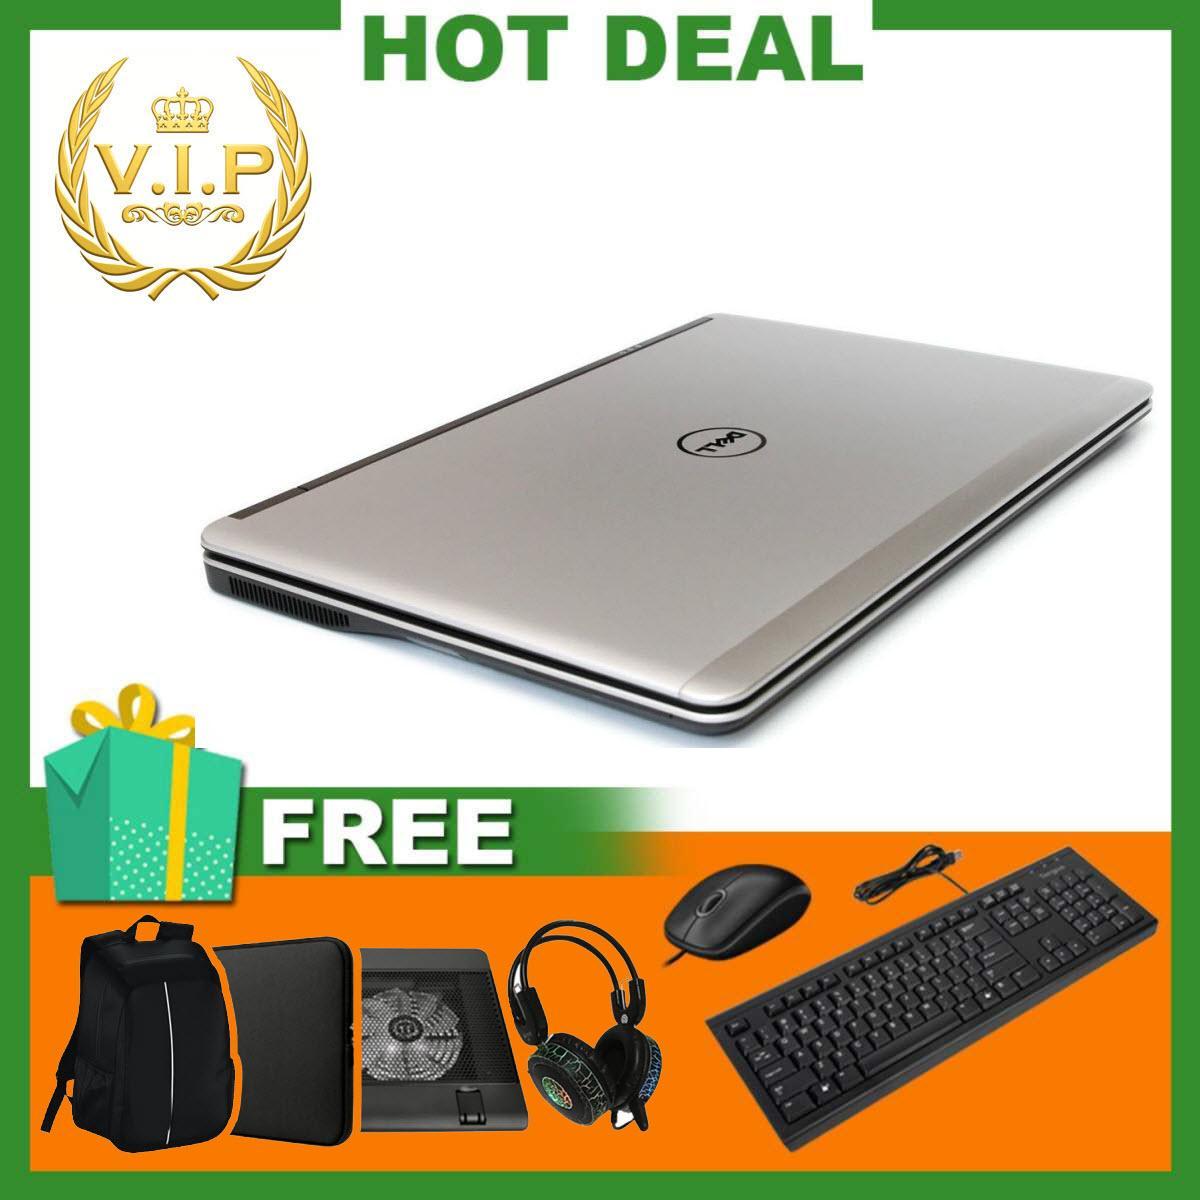 Laptop Dell Latitude 7440 ( i5-4300U, 14inch, 16GB, SSD 480GB ) Chất Lượng Tốt + Quà Tặng - Hàng Nhập Khẩu